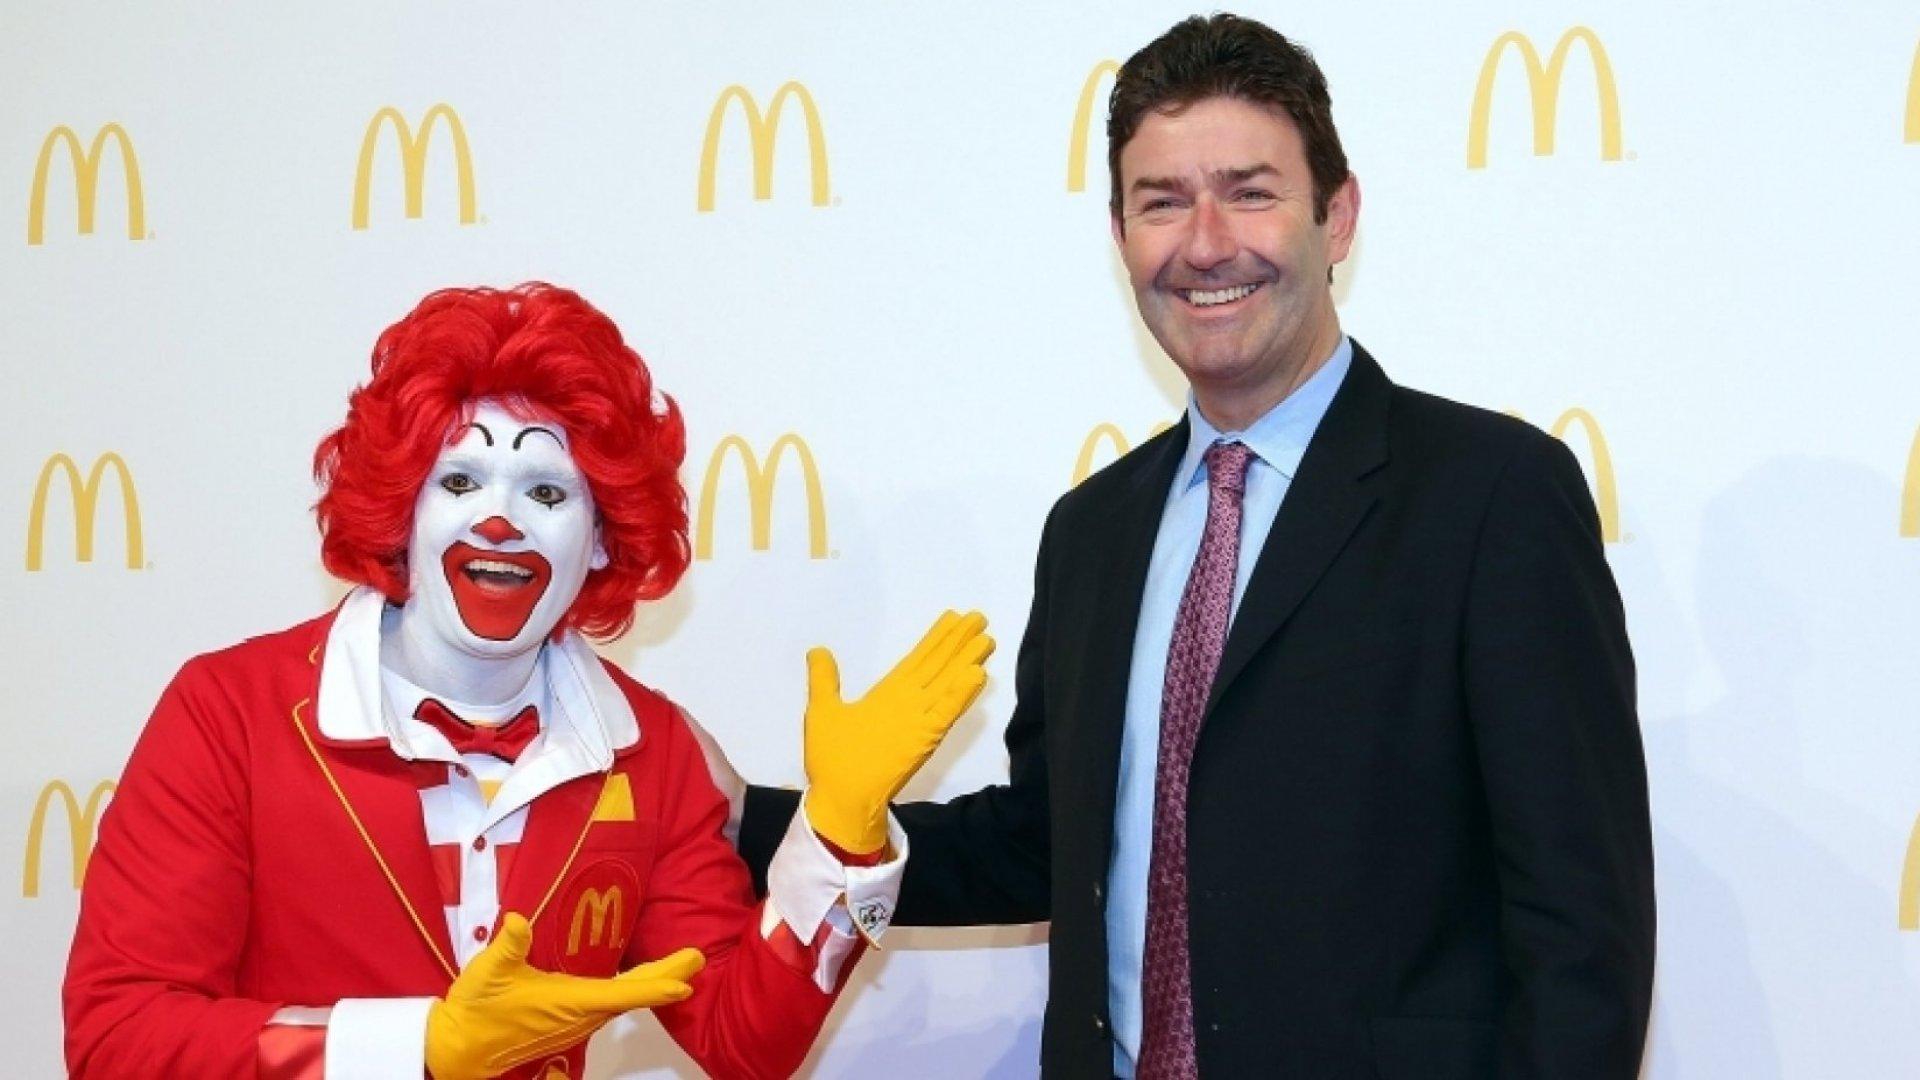 Ronald McDonald with McDonald's CEO Steve Easterbrook.